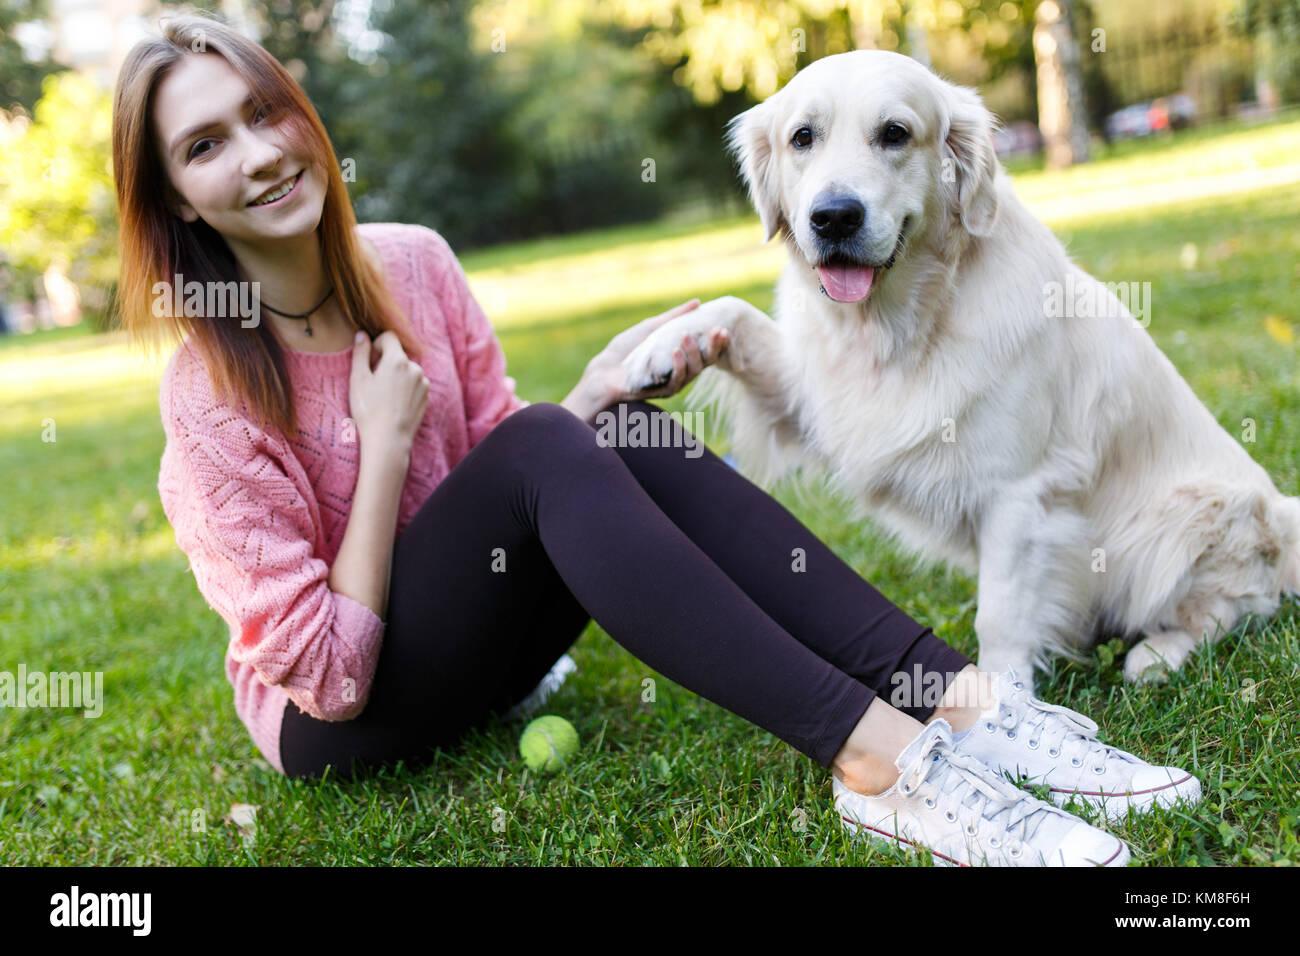 Foto von Brünette mit Kugel und Hund sitzen auf Rasen Stockbild